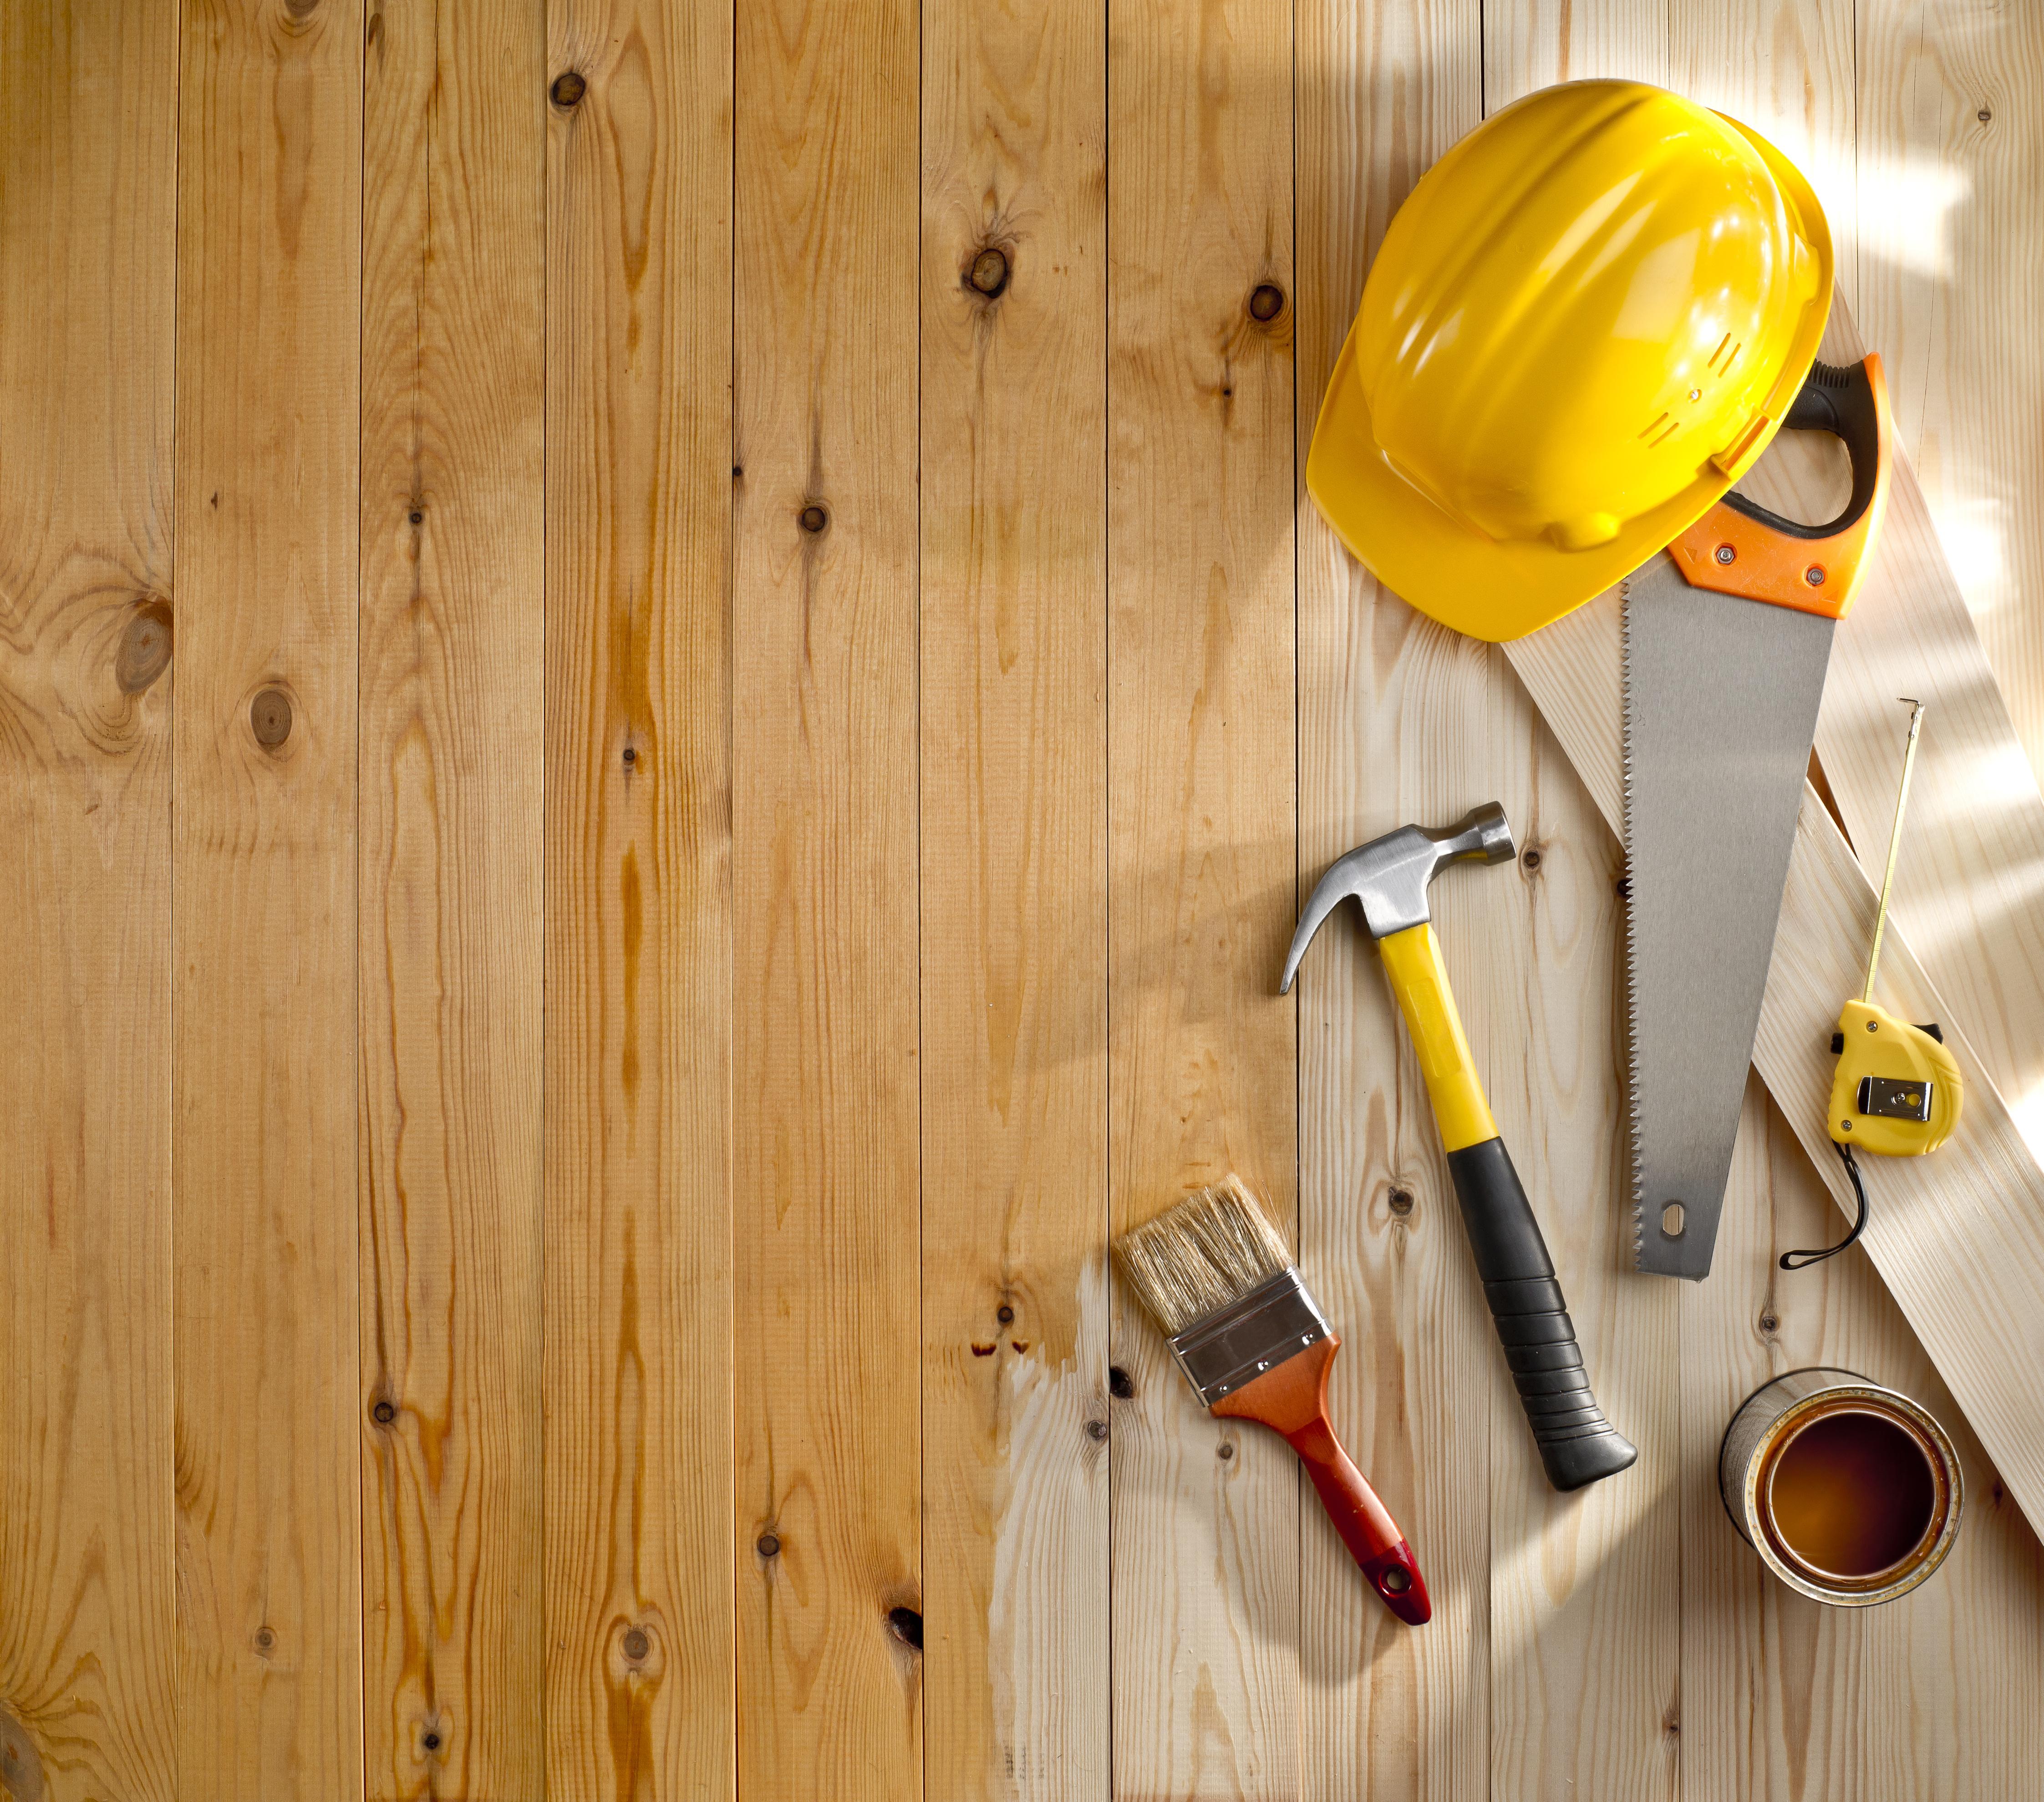 Reparaciones carpinter a archives avisos y reparaciones for Carpintero de madera